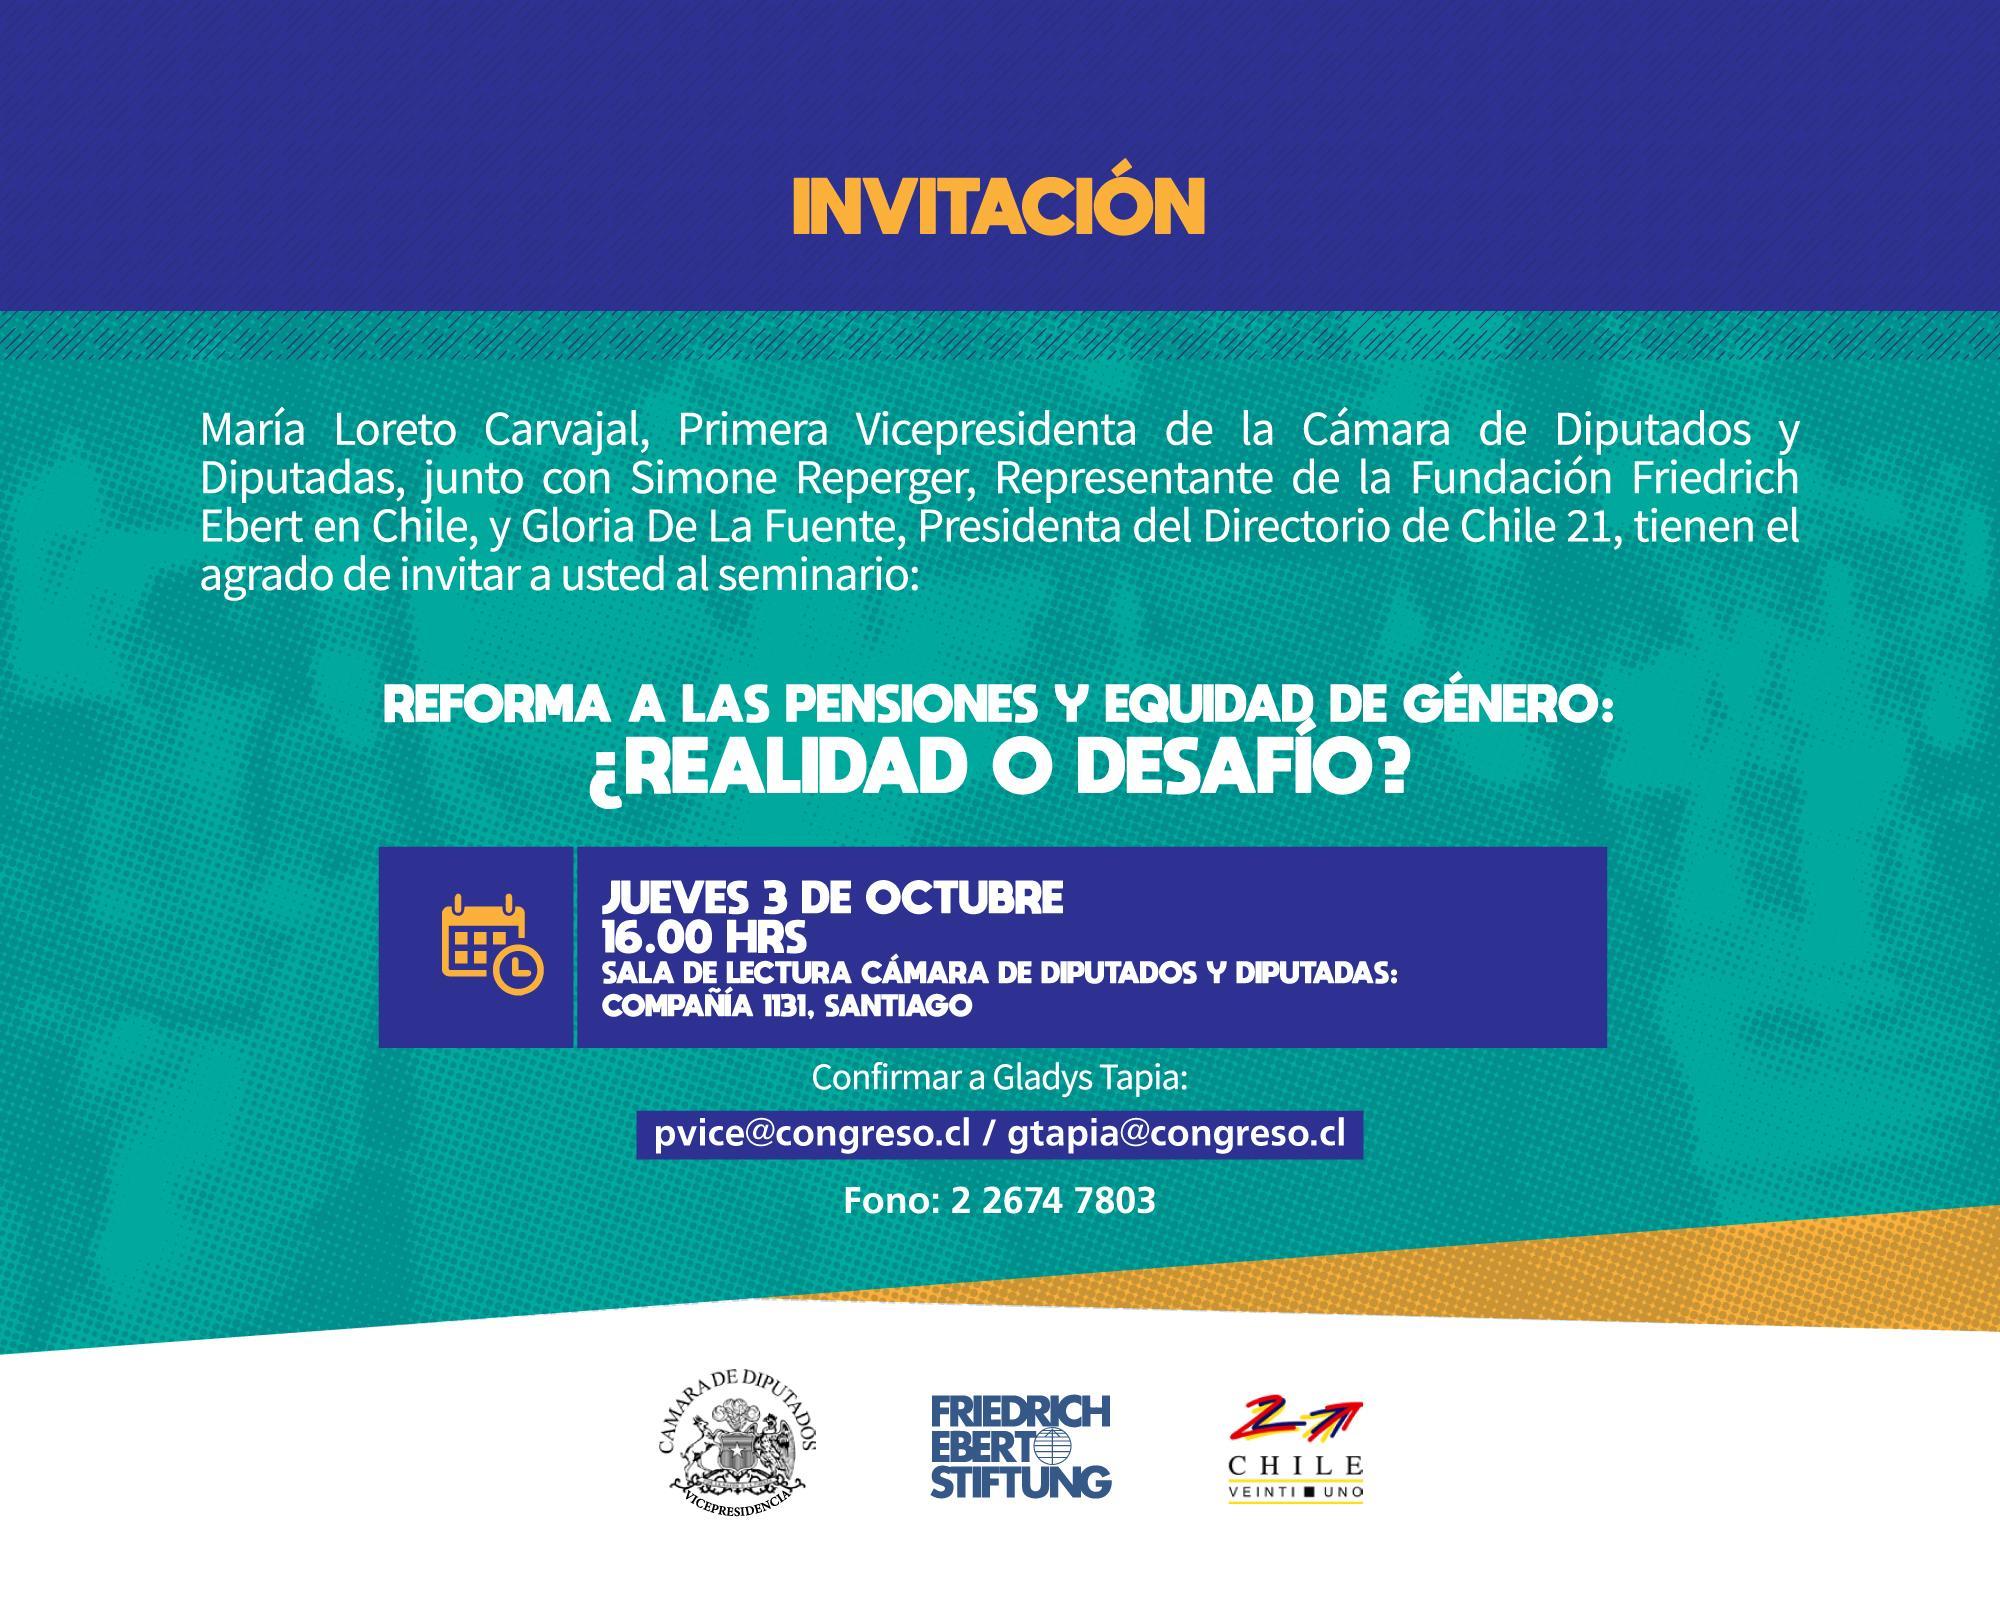 Invitación: Reforma a las pensiones y equidad de género: ¿realidad o desafío?